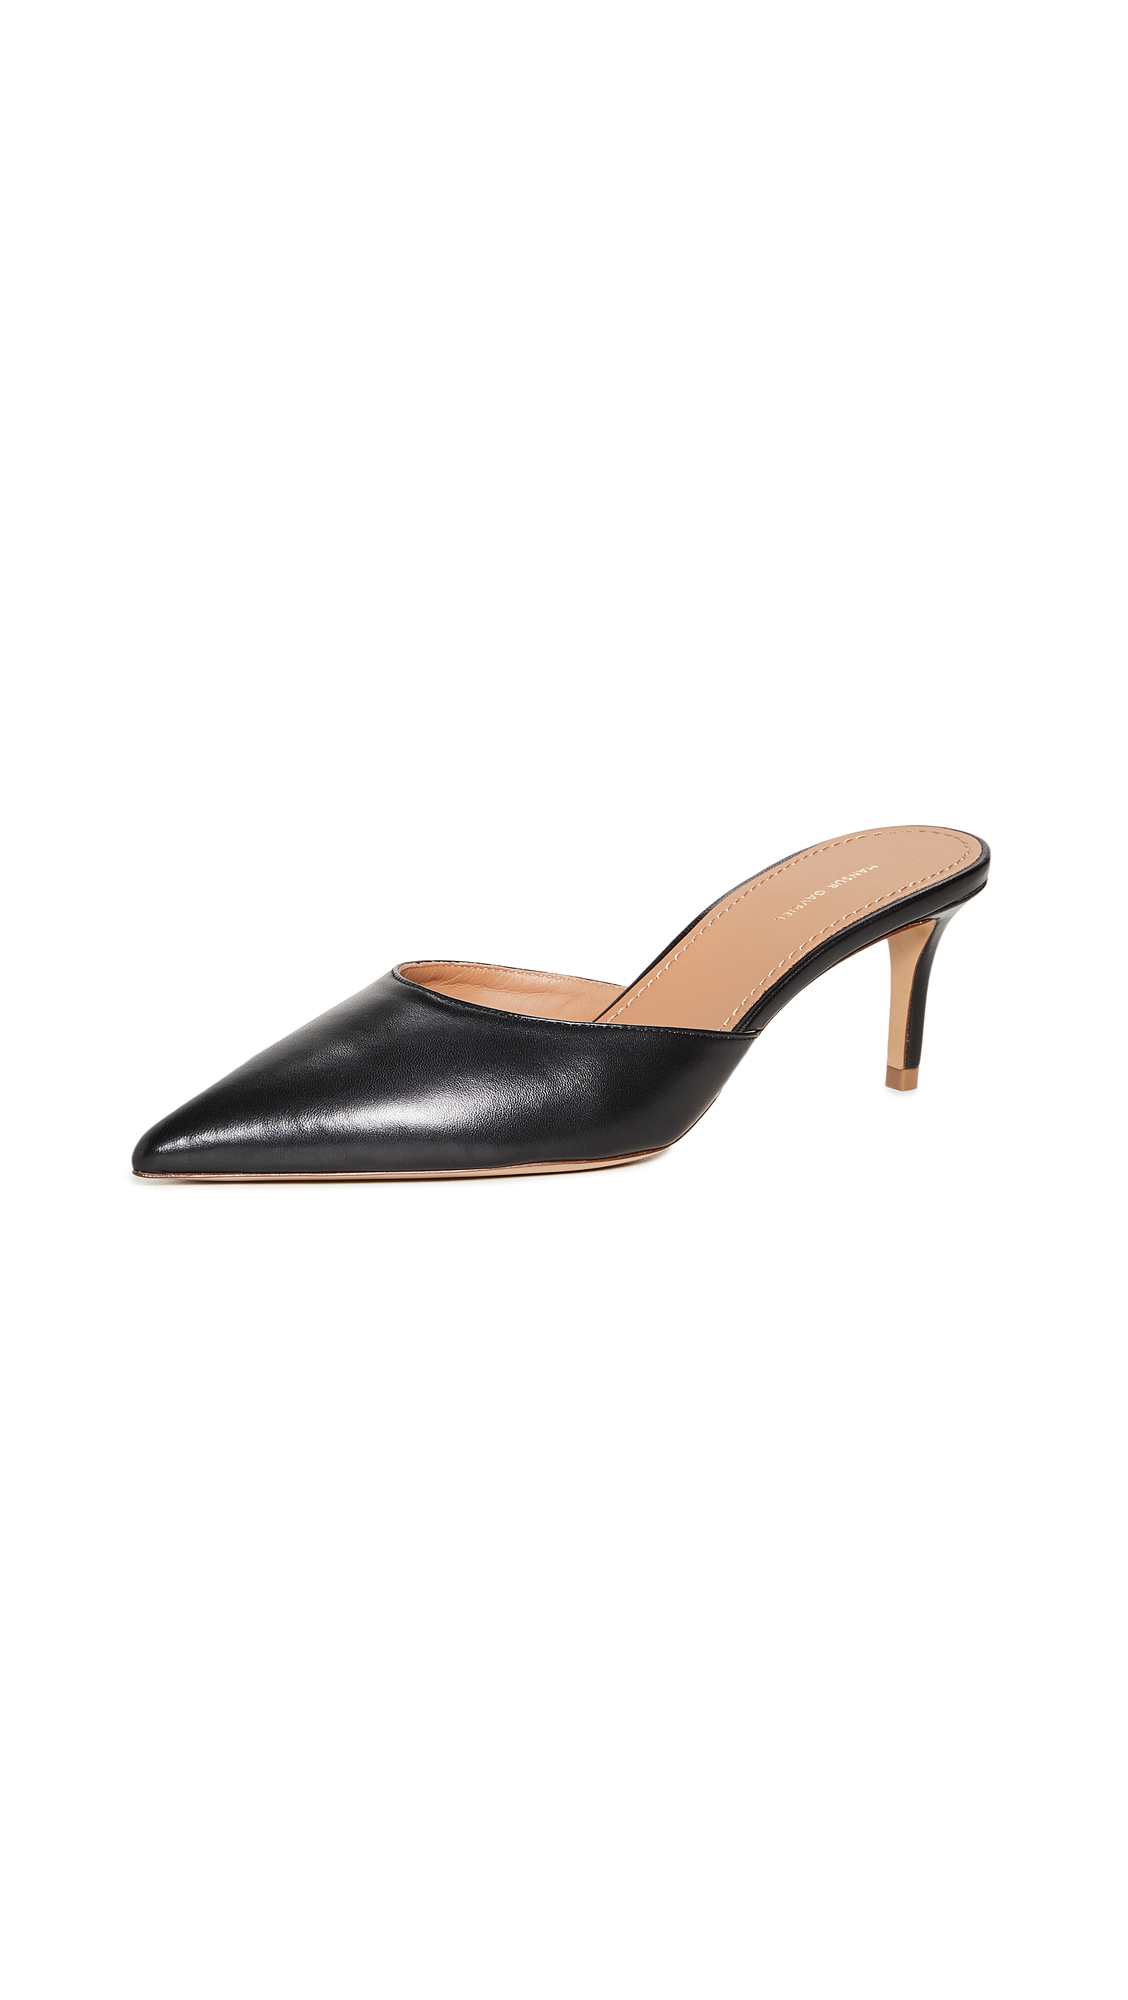 Mansur Gavriel New Slipper Heel Mules - 30% Off Sale